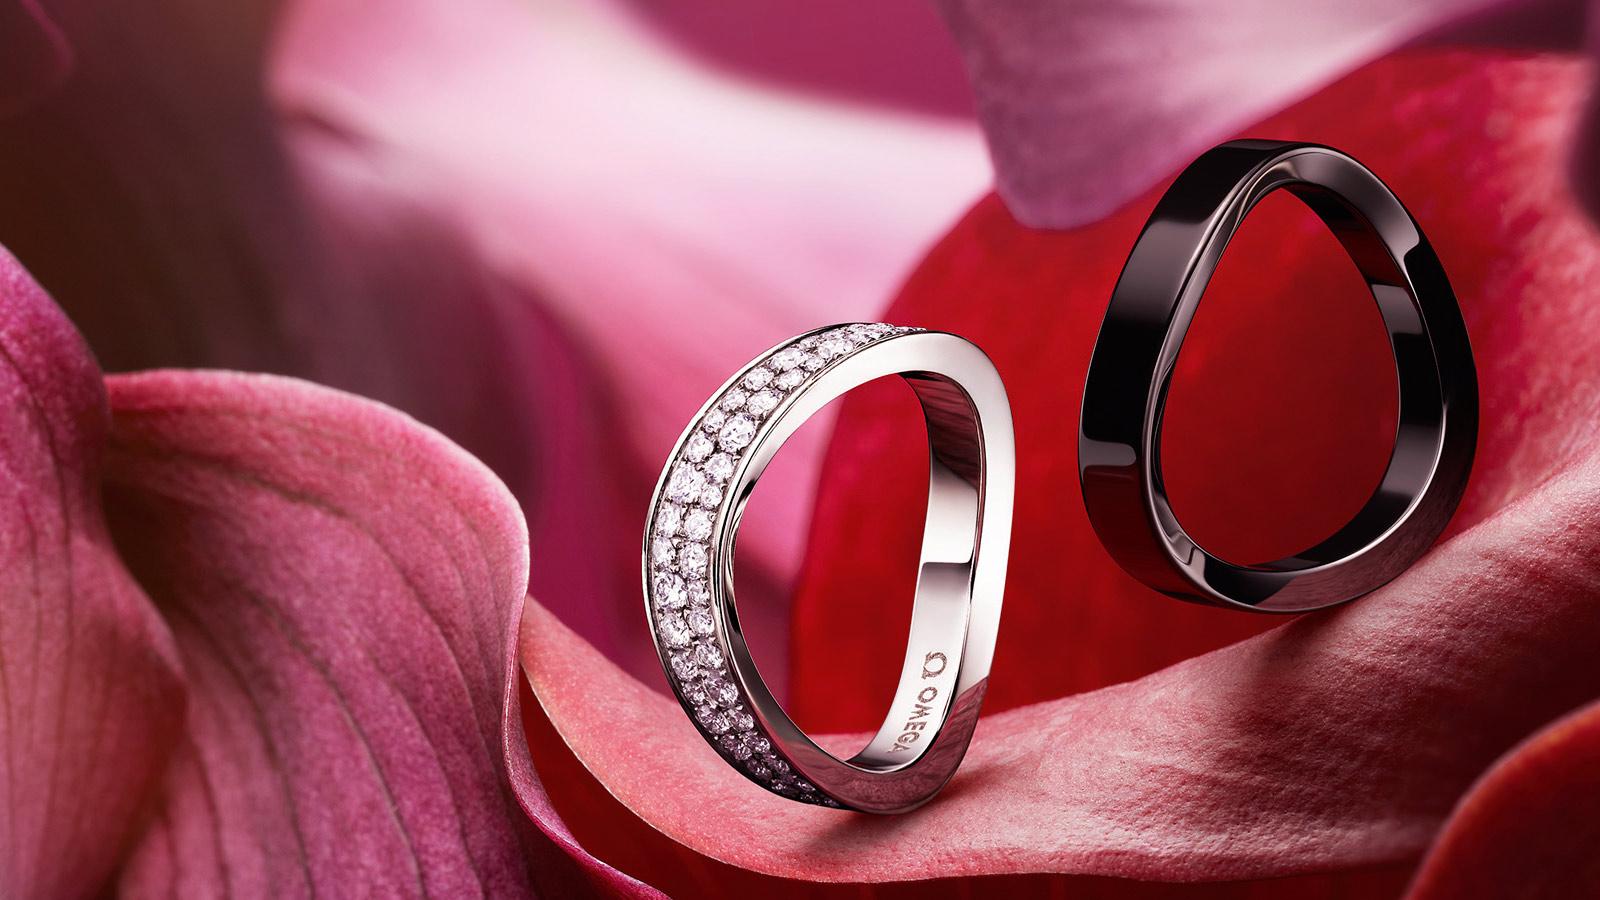 AQUA SWING系列 戒指 AQUA SWING系列 戒指 - R43CRA05081XX - 查看 1